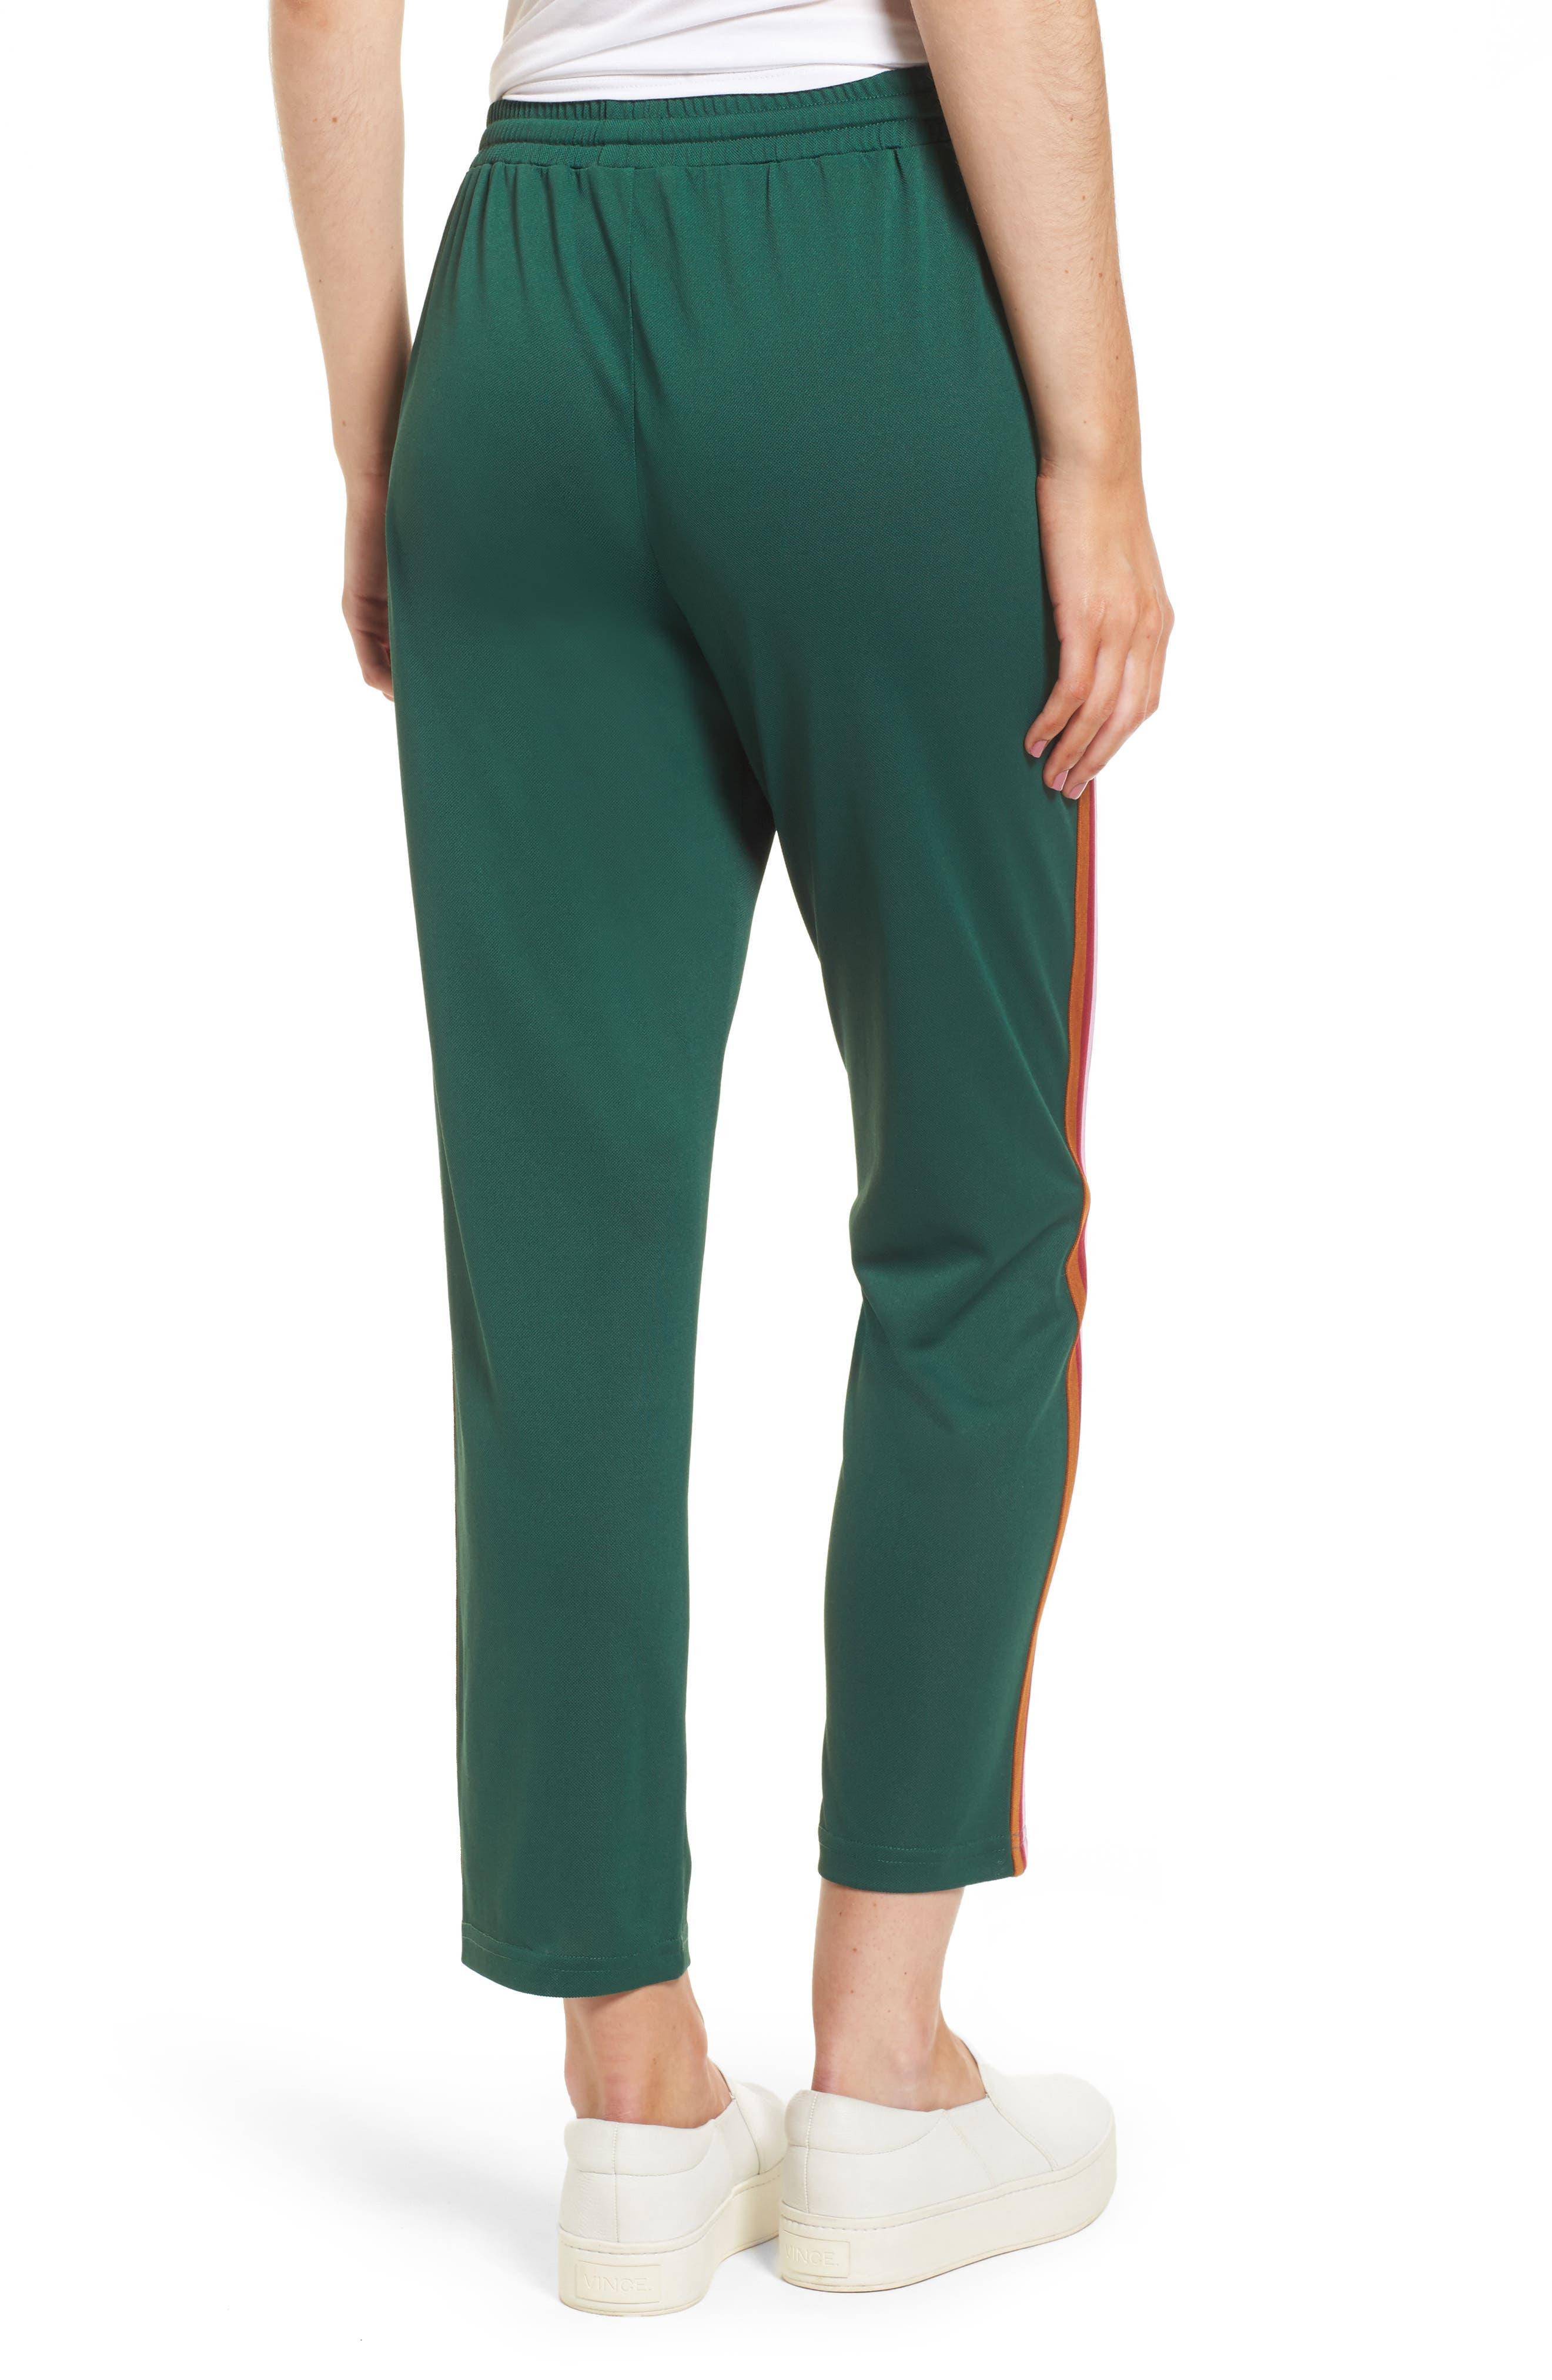 Jolie Crop Pants,                             Alternate thumbnail 2, color,                             EDEN/ PINK